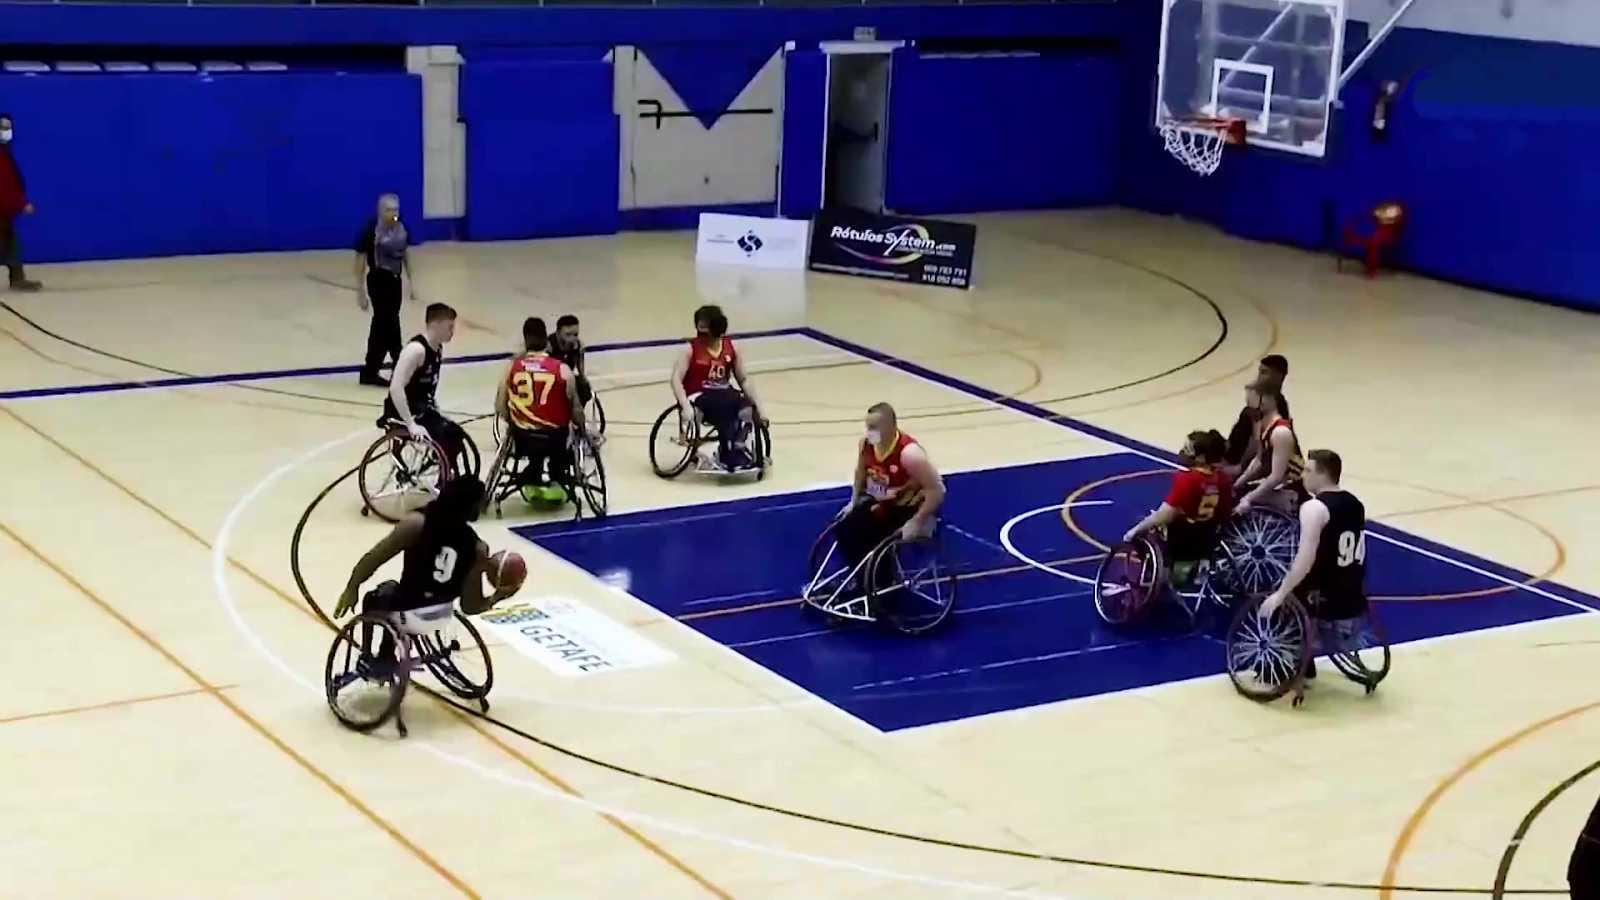 Baloncesto en silla de ruedas - Liga BSR División honor. Resumen jornada 15 - ver ahora